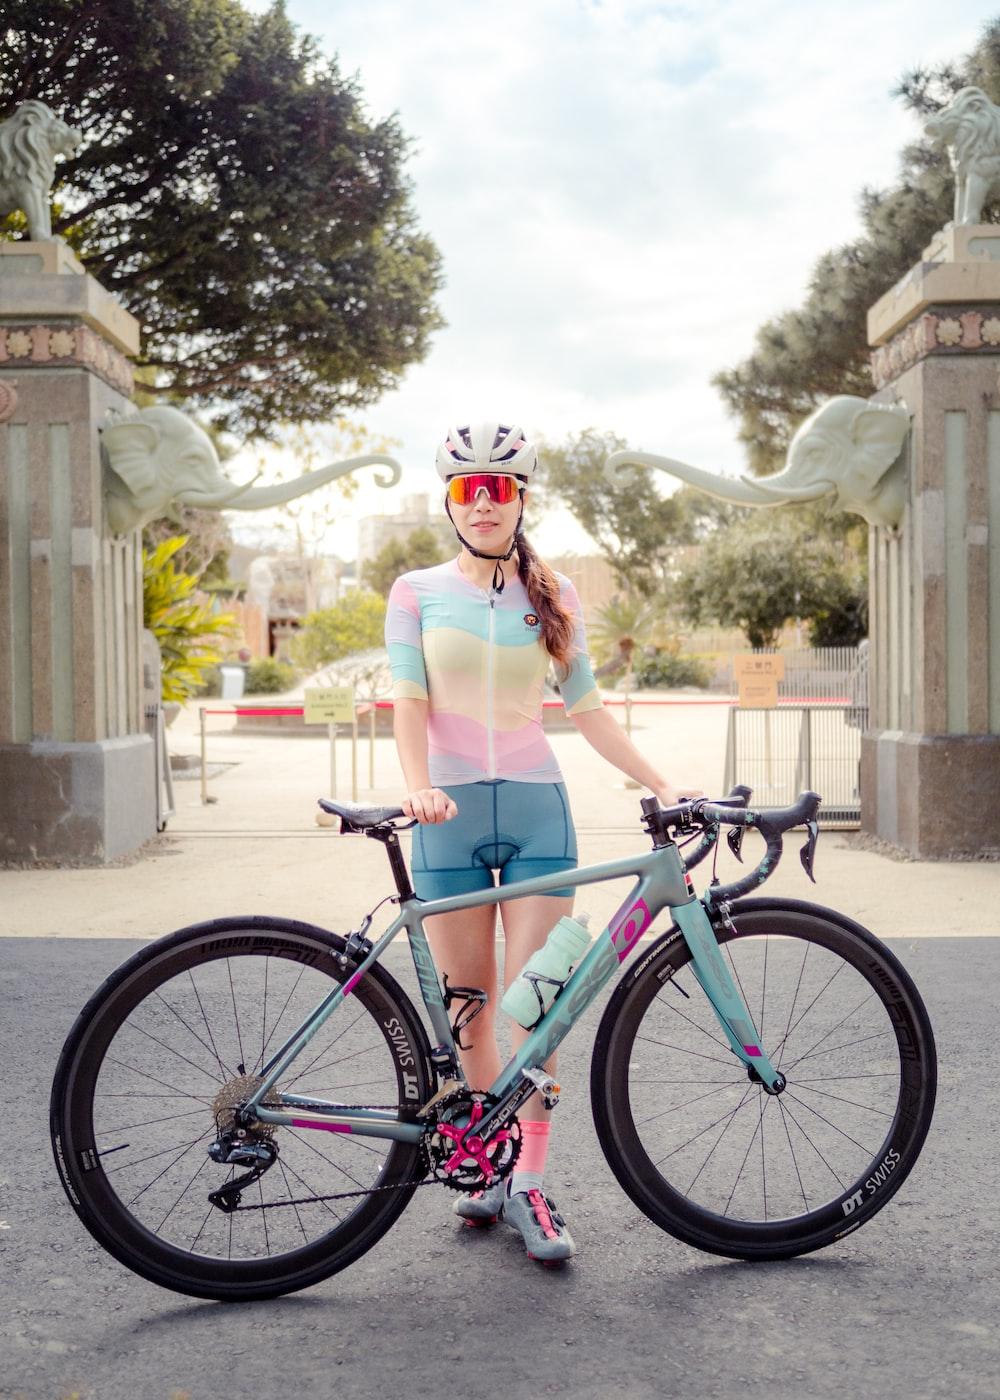 woman in pink bikini riding on bicycle